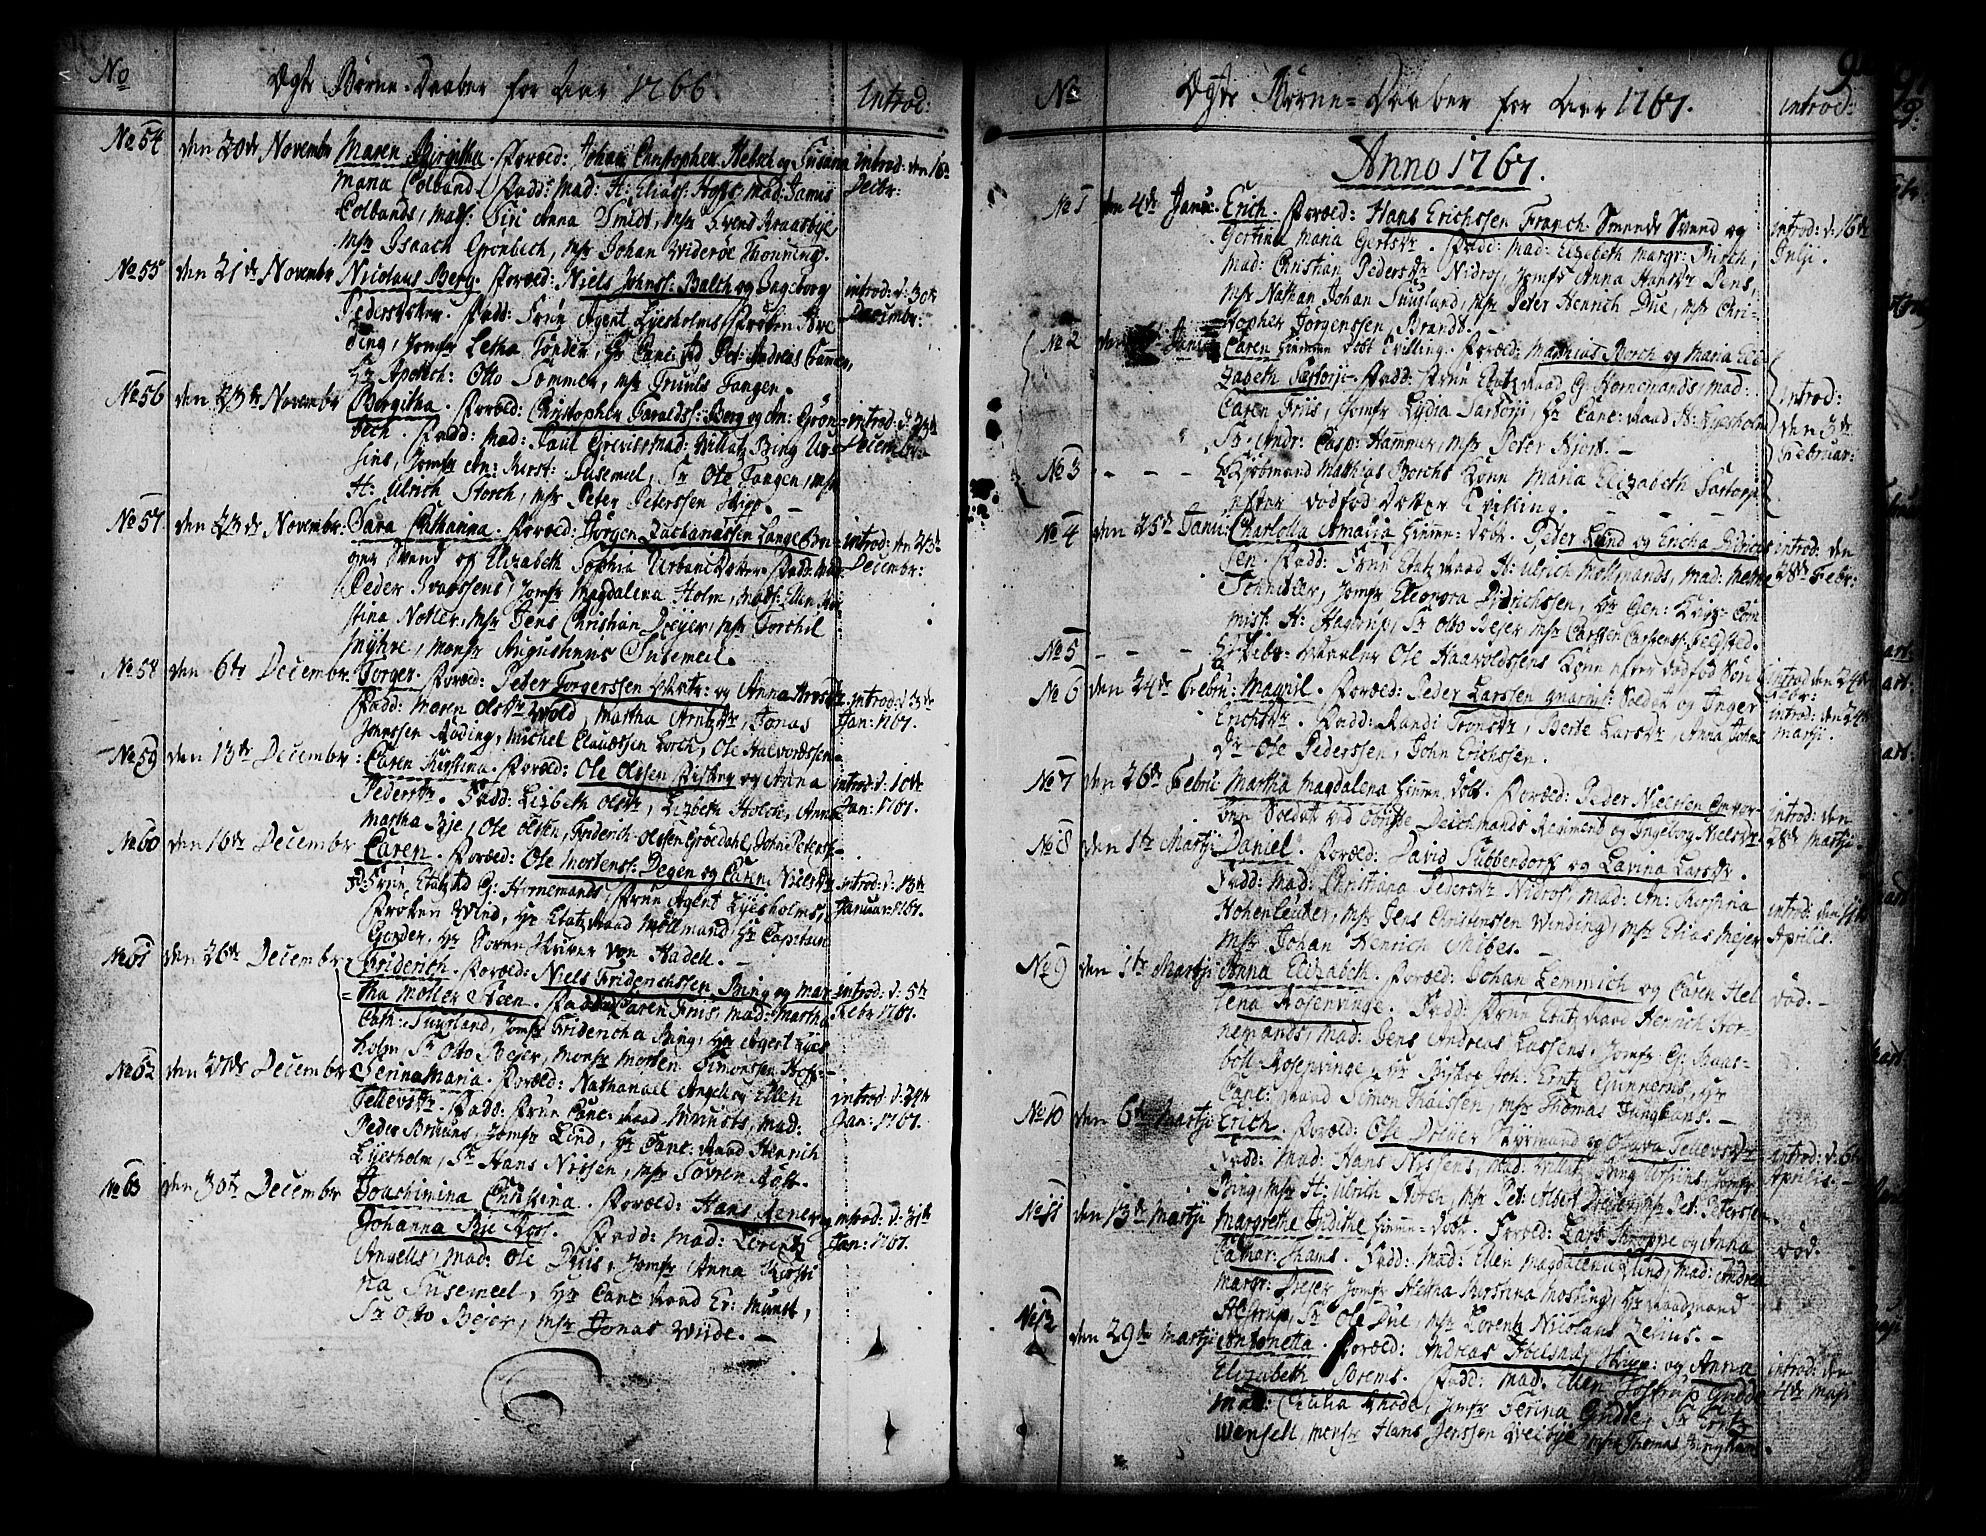 SAT, Ministerialprotokoller, klokkerbøker og fødselsregistre - Sør-Trøndelag, 602/L0103: Ministerialbok nr. 602A01, 1732-1774, s. 91